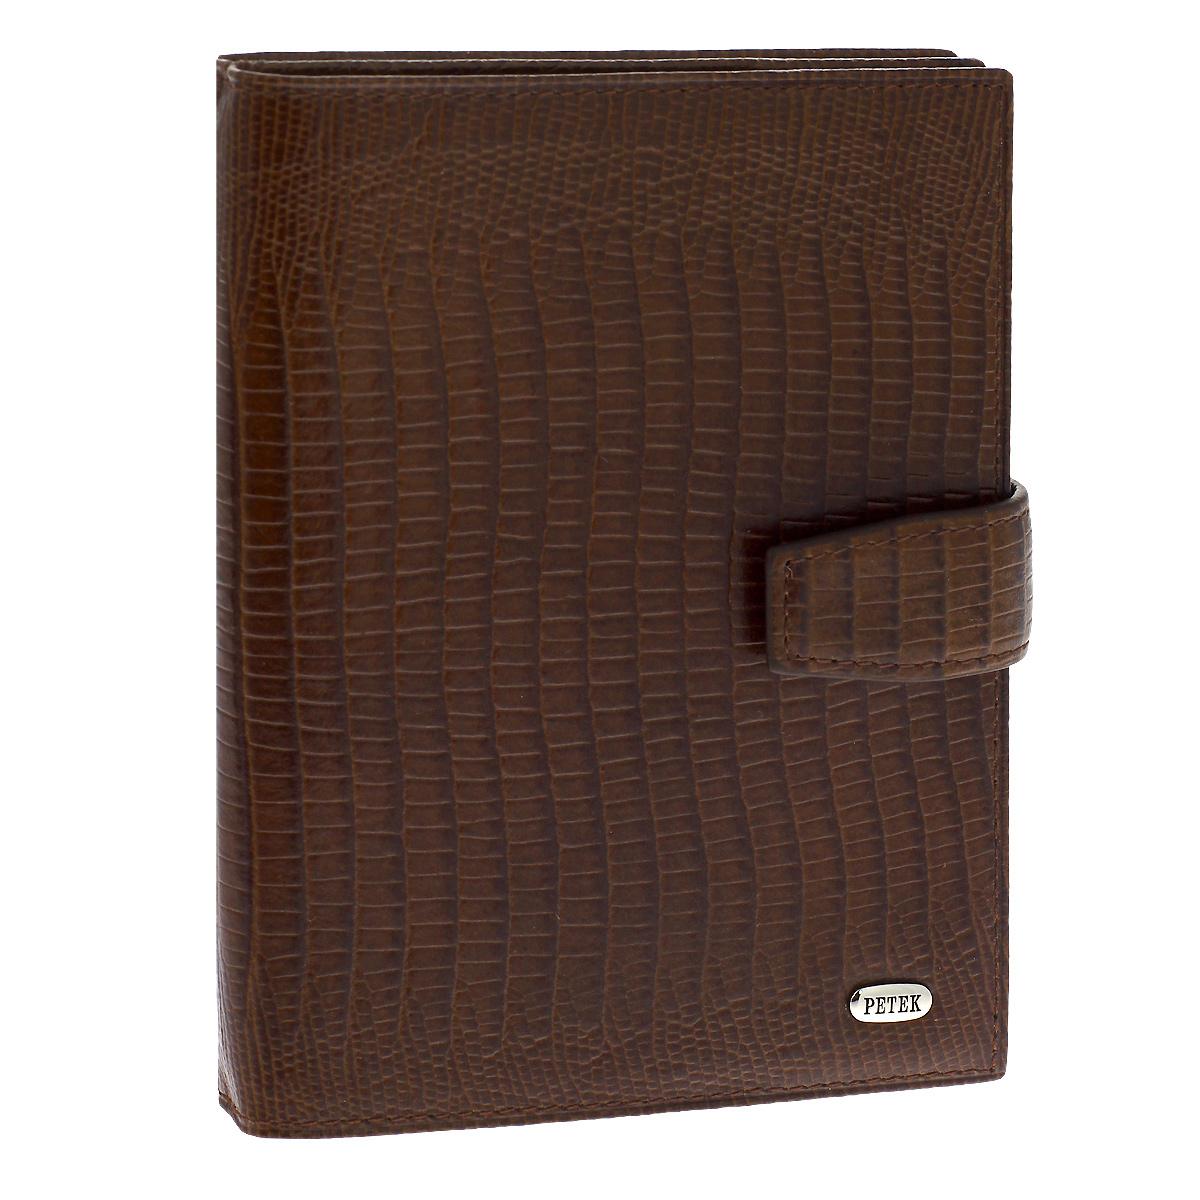 Обложка для паспорта и автодокументов Petek, цвет: темно-коричневый. 595.041.02595.041.02 D.BrownОбложка для паспорта и автодокументов Petek выполнена из натуральной кожи темно-коричневого цвета с декоративным тиснением под питона. Внутри состоит из отделения для паспорта, шести отделений из прозрачного пластика для автодокументов и двух сетчатых карманов. Обложка закрывается небольшим хлястиком на кнопку. Обложка упакована в фирменную коробку с логотипом фирмы. Такая обложка станет замечательным подарком человеку, ценящему качественные и практичные вещи. Характеристики: Материал: натуральная кожа, текстиль, ПВХ, металл. Цвет: темно-коричневый. Размер обложки (в закрытом виде): 9,5 см x 13,5 см х 1,5 см.